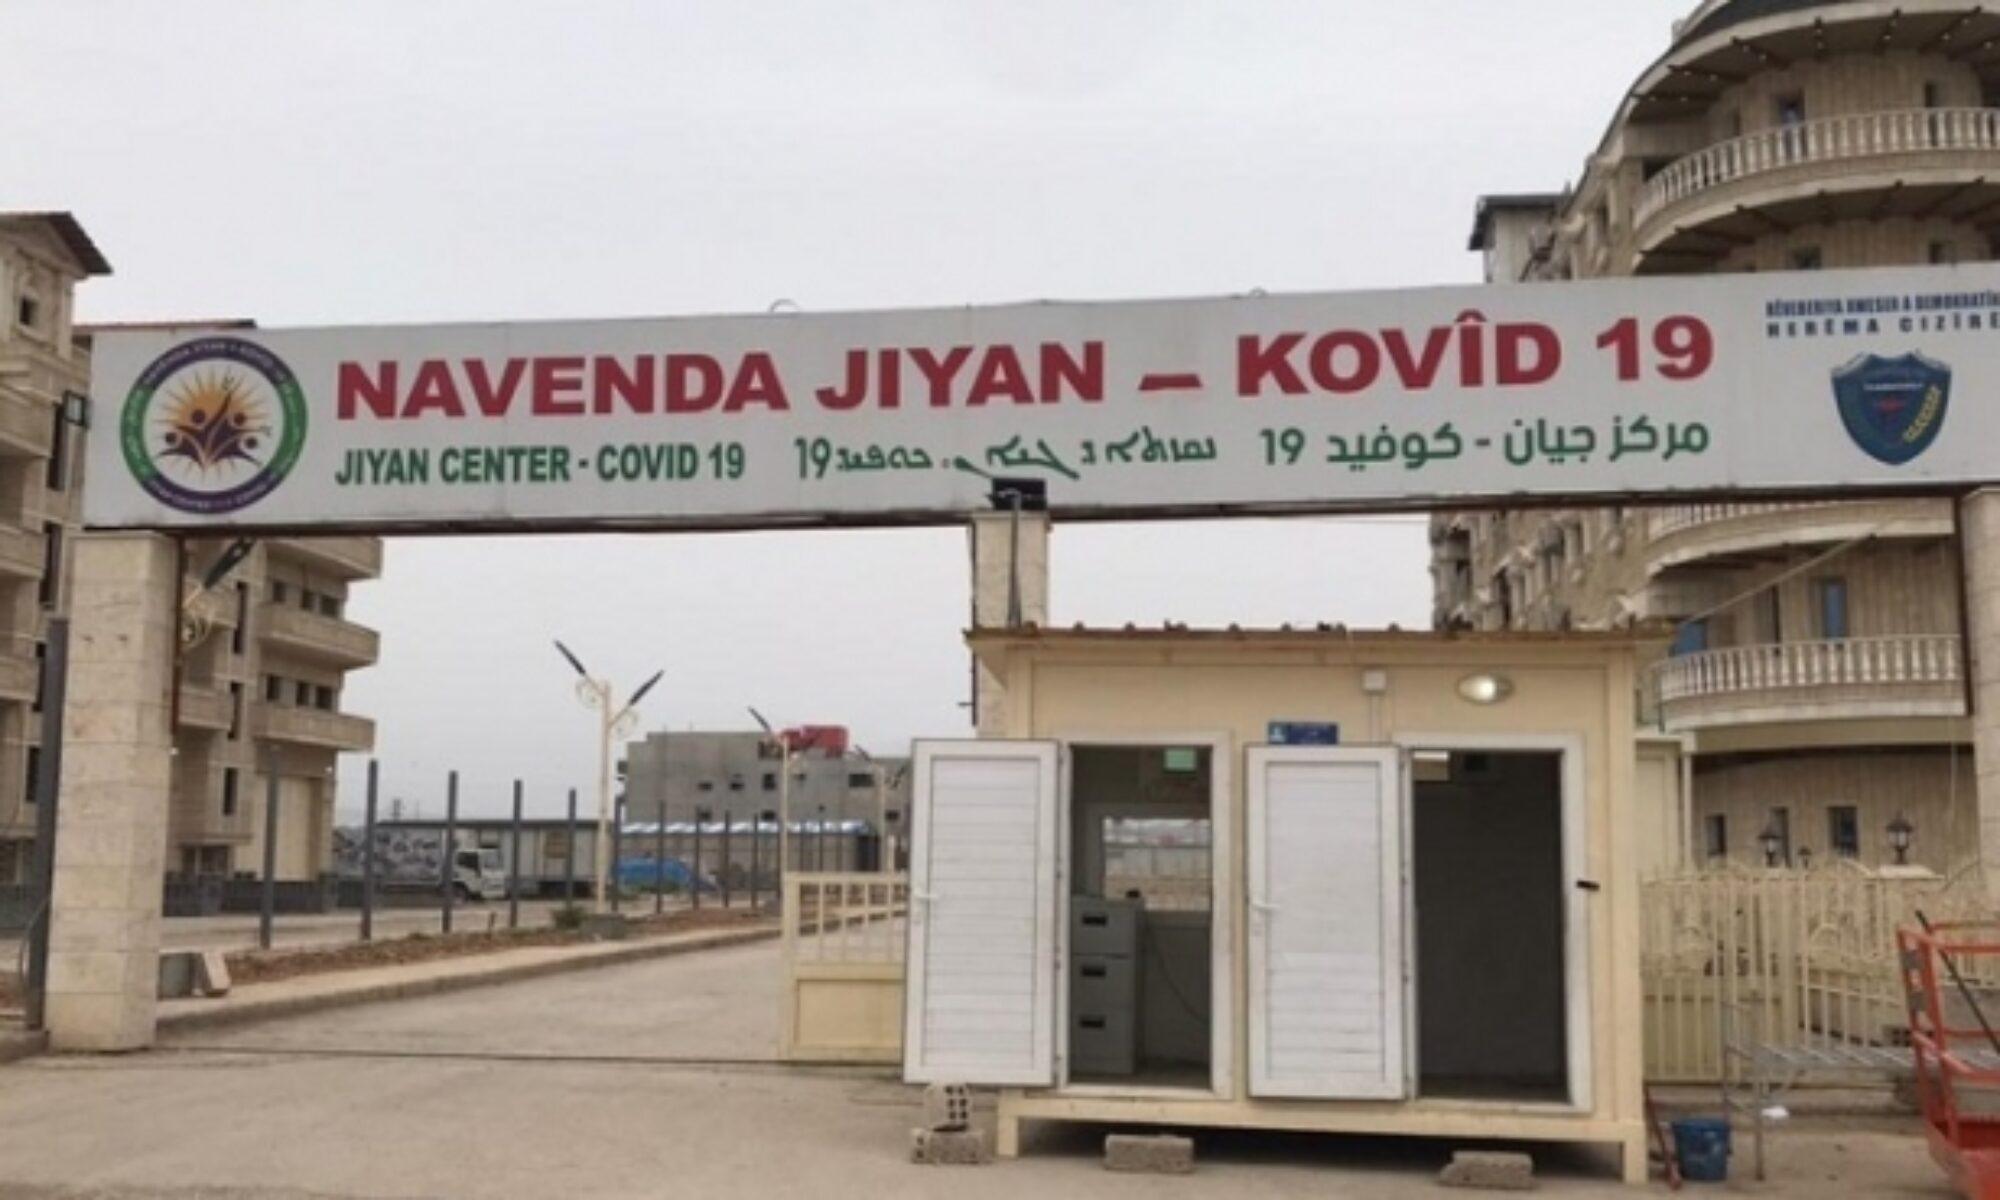 Rojava'da Kovid bilançosu ağırlaşıyor: son 24 saat içinde 15 ölüm, 233 vakka